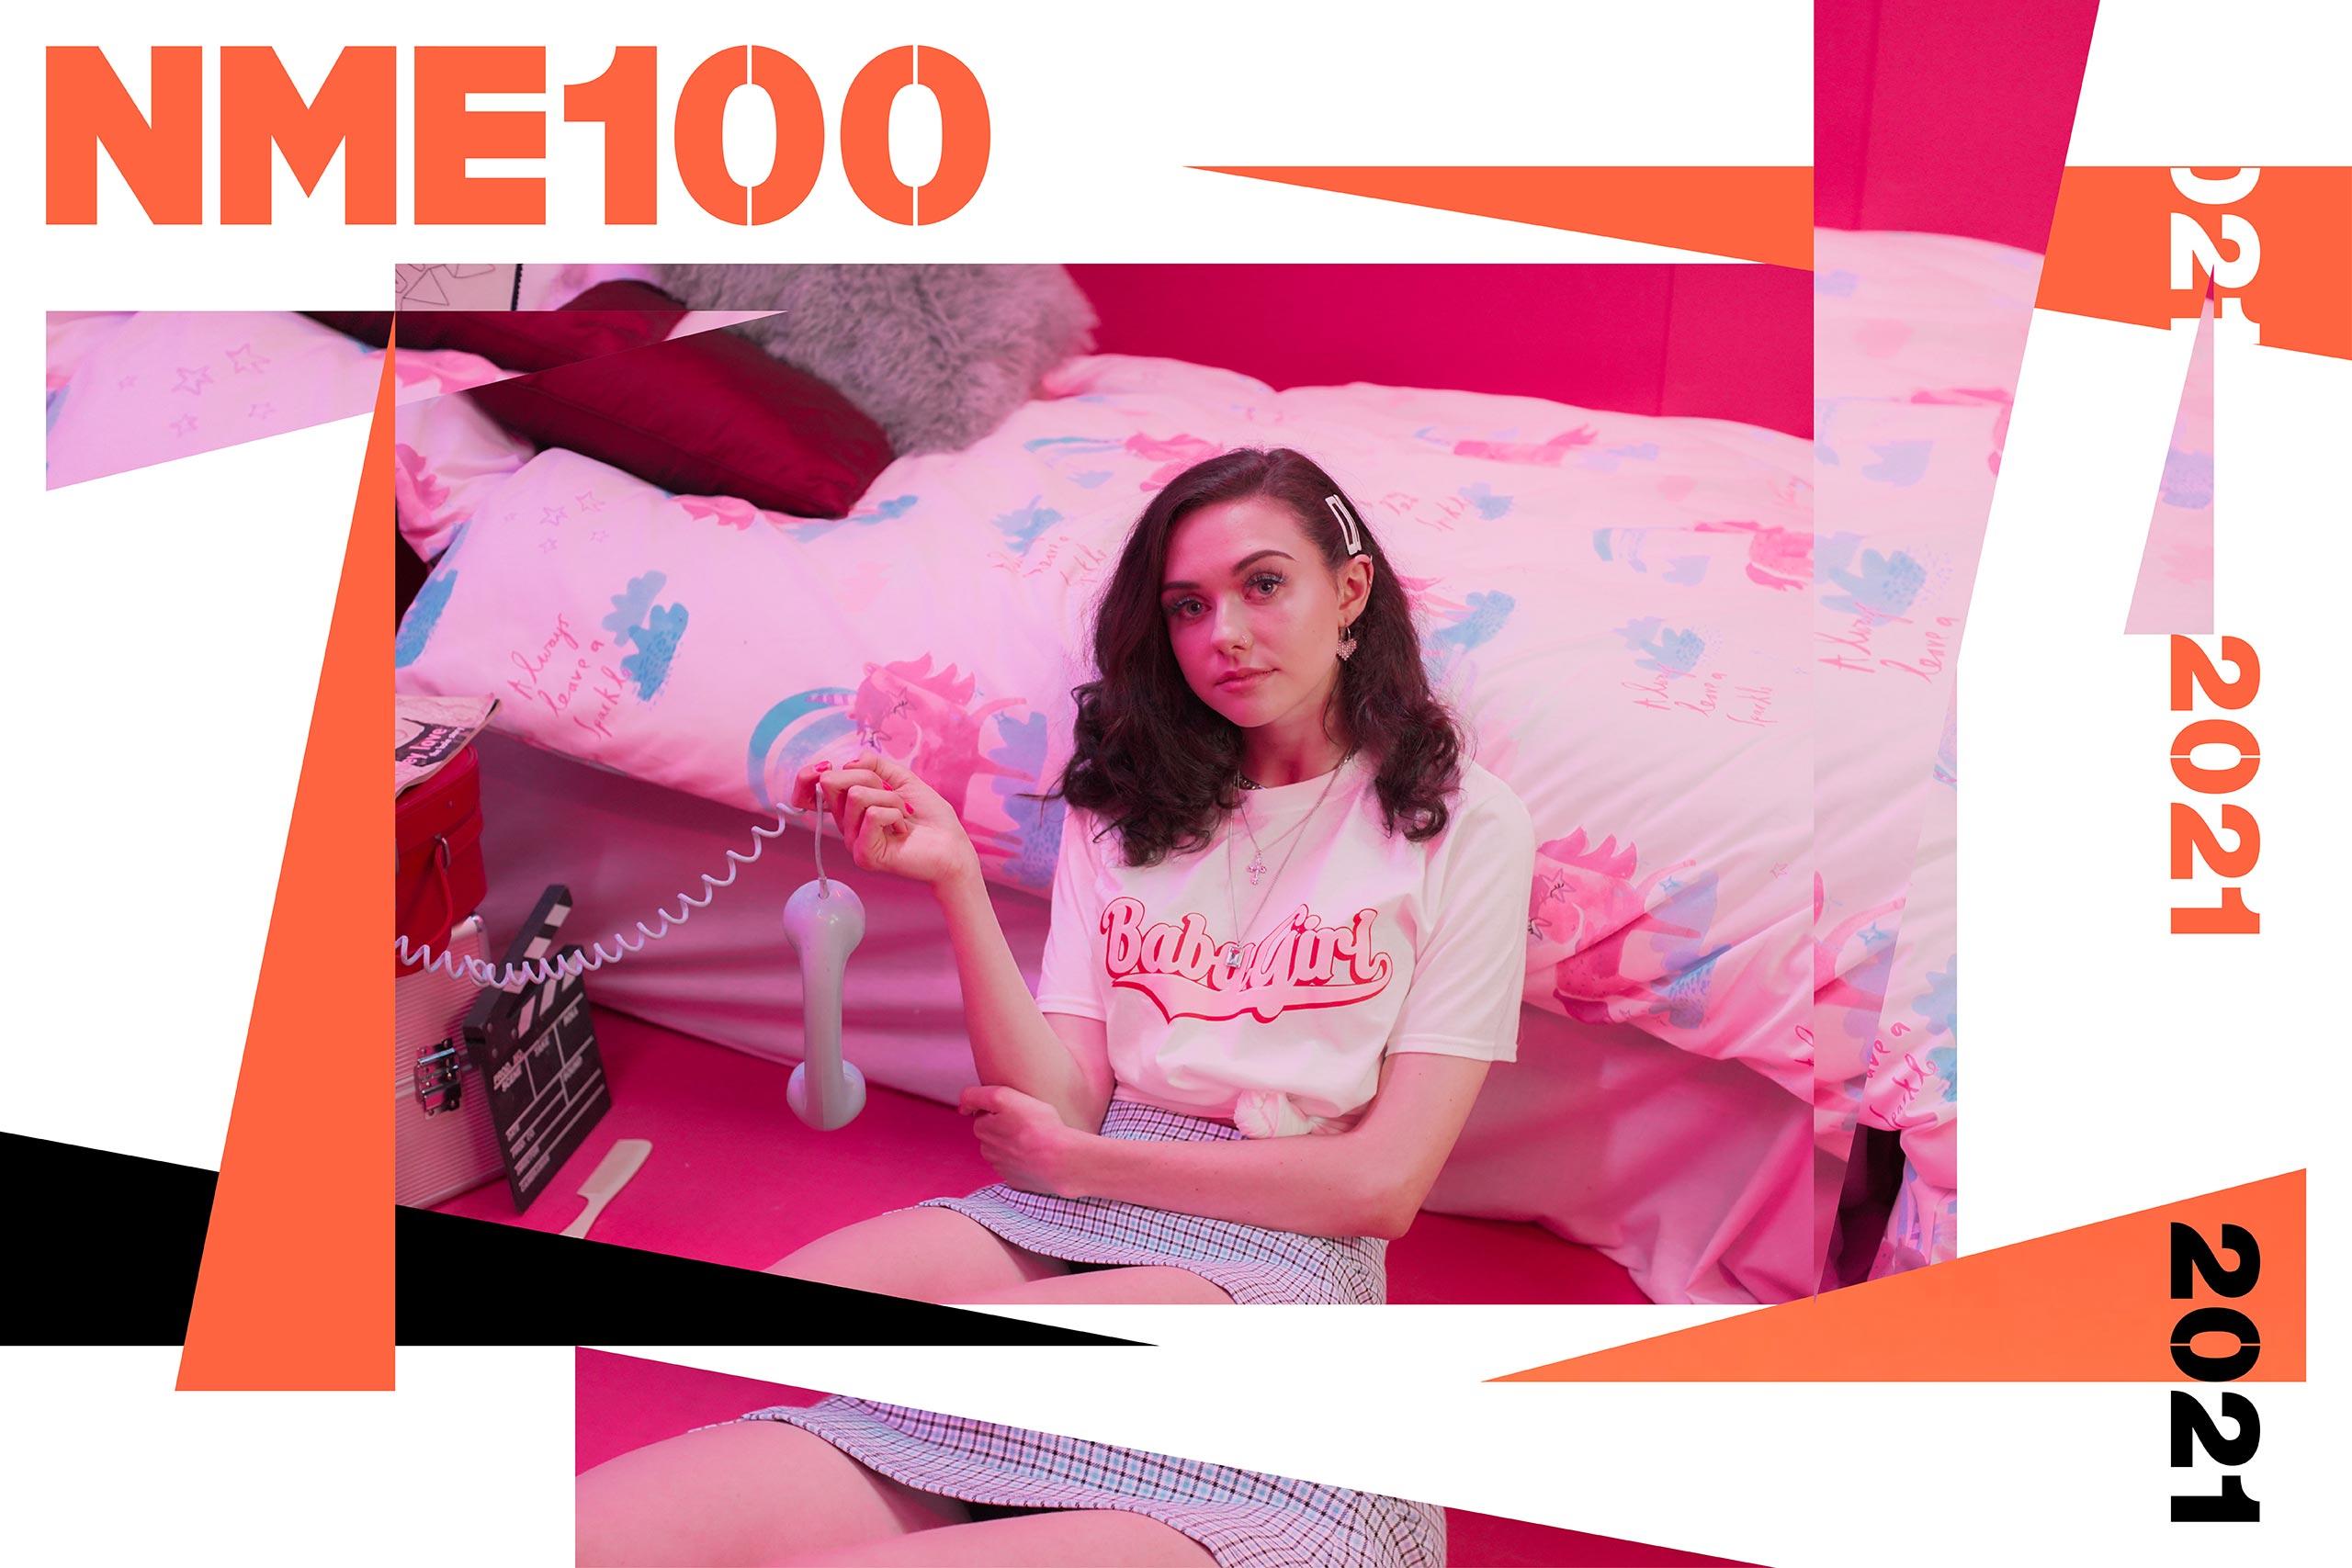 NME 100 lucy deakin